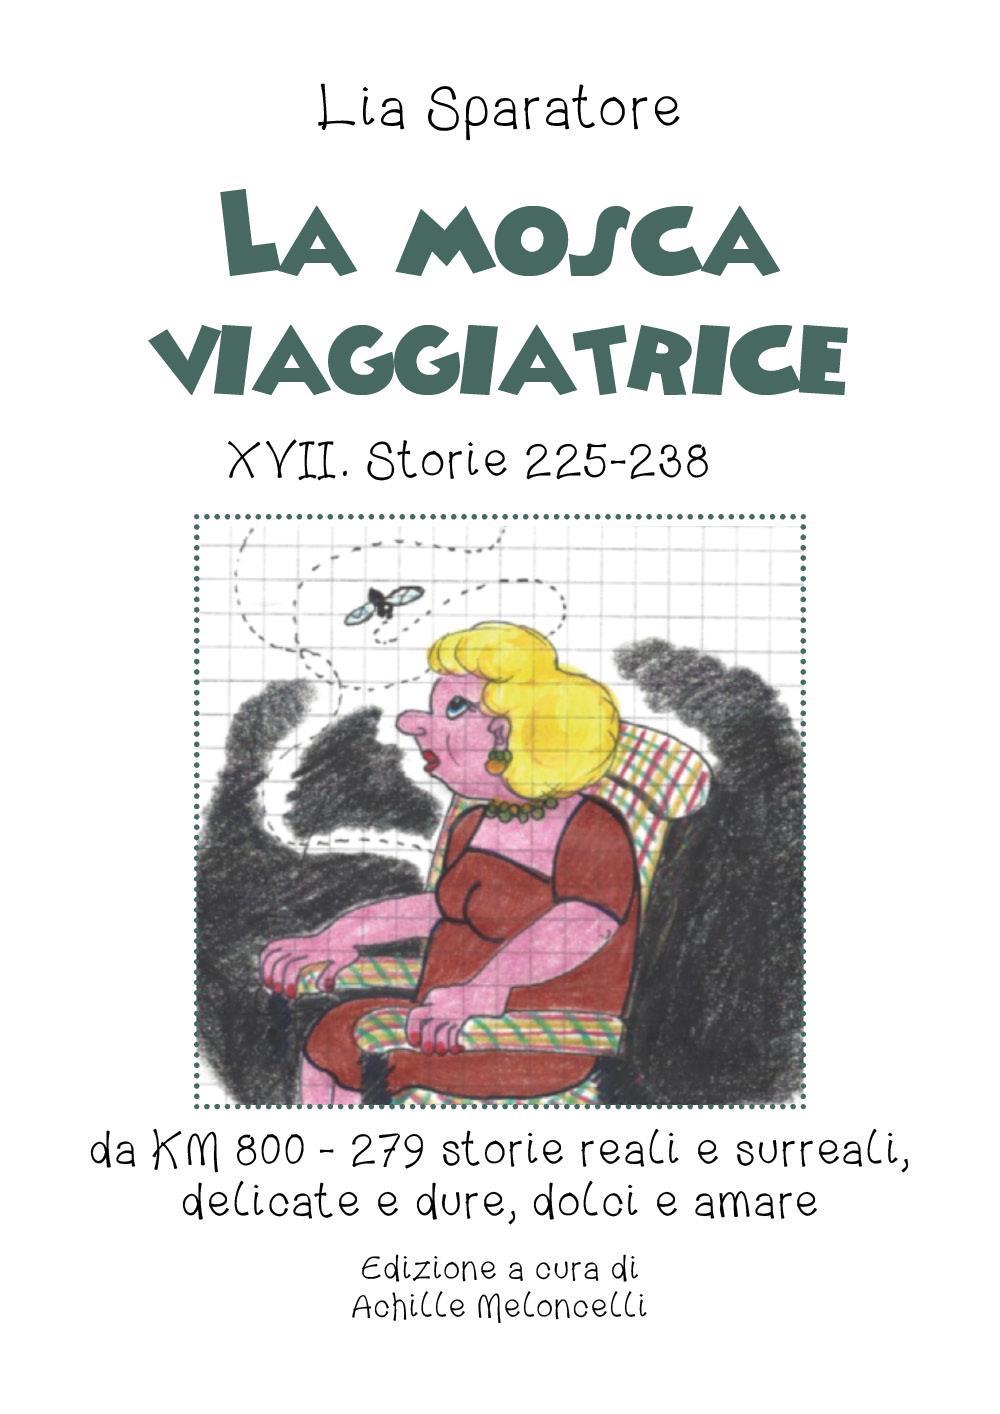 La mosca viaggiatrice XVII. Storie 225-238, da KM 800 - 279 storie reali e surreali, delicate e dure, dolci e amare